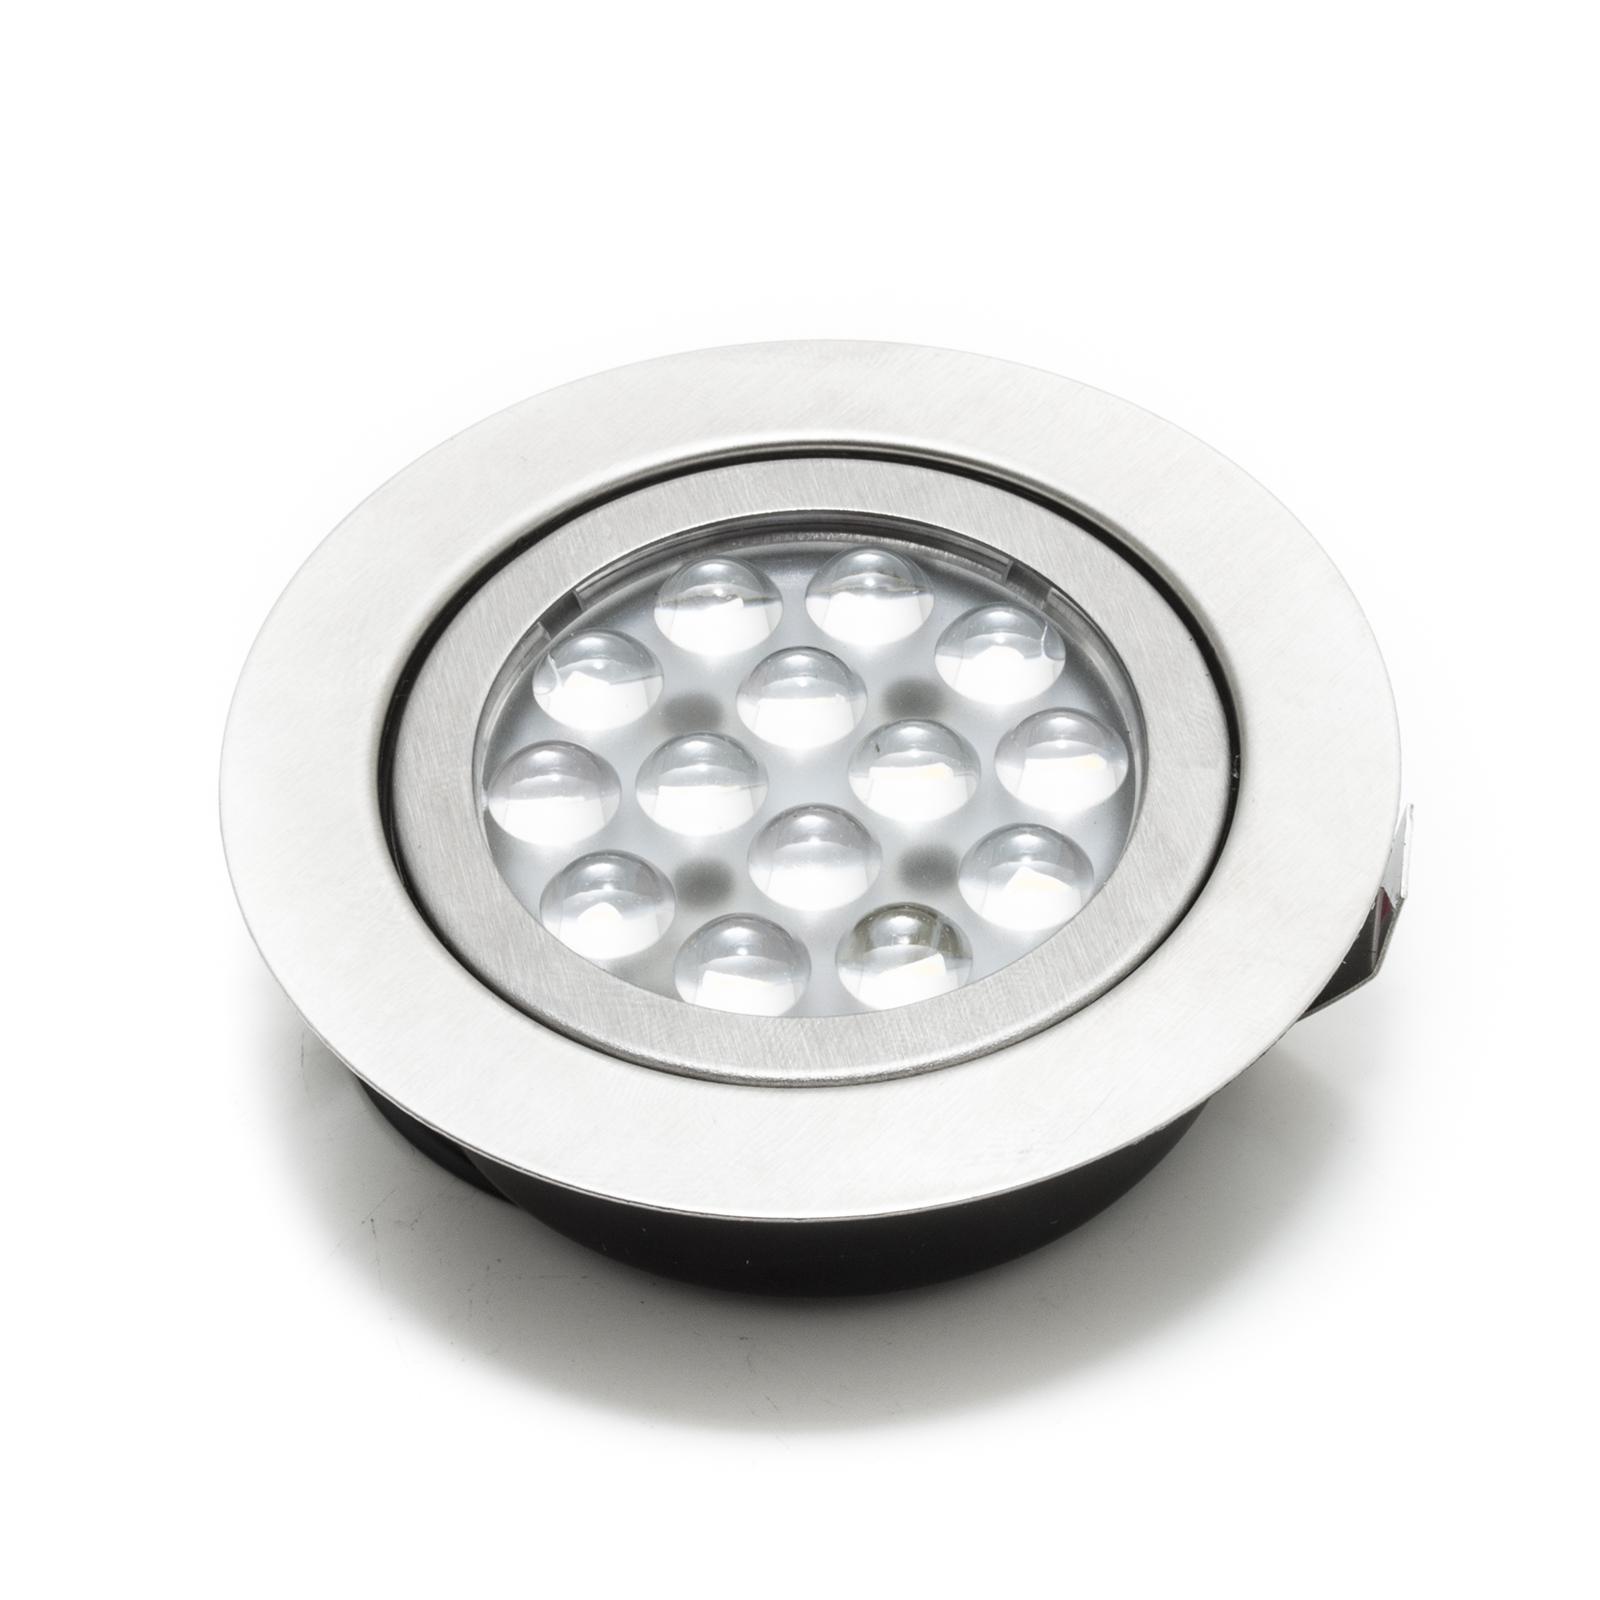 Luce Bianco caldo Faretto led incasso 3w slim luce cappa cucina mensole 220v sostituzione alogena